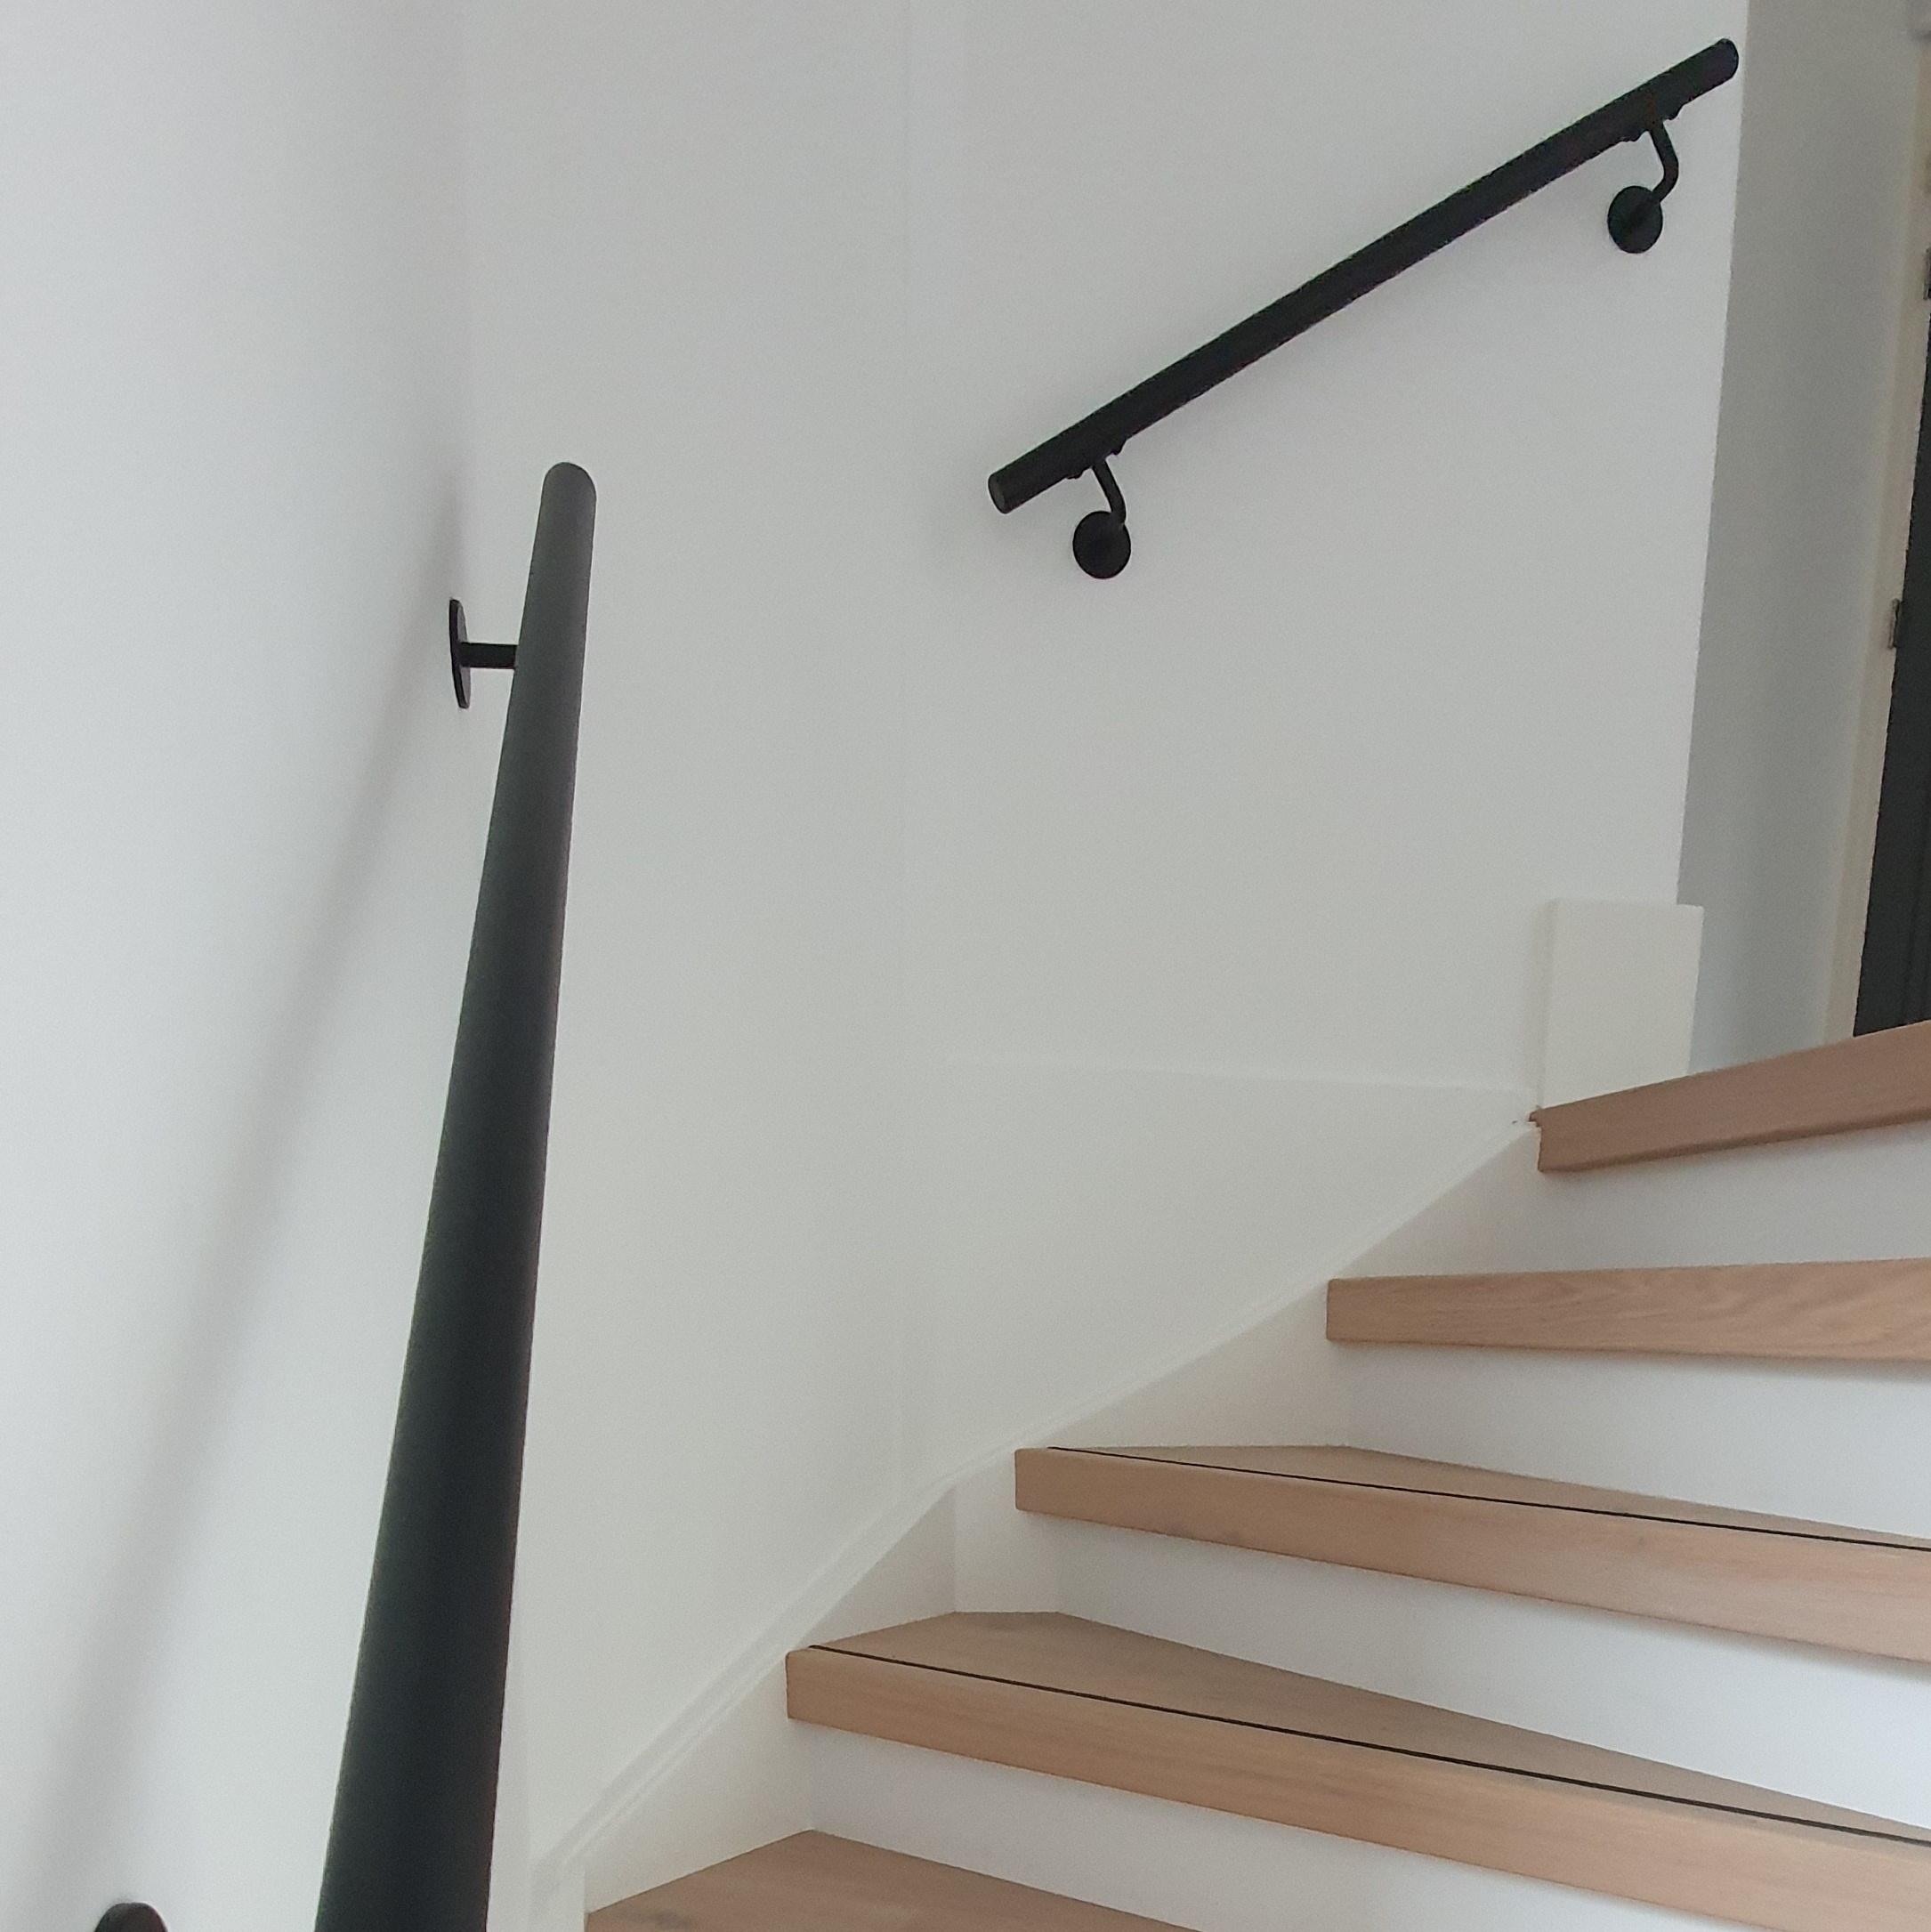 Handlauf schwarz beschichtet rund schmal Modell 3 - Runde Treppengeländer - Treppenhandlauf mit schwarzer Pulverbeschichtung RAL 9005